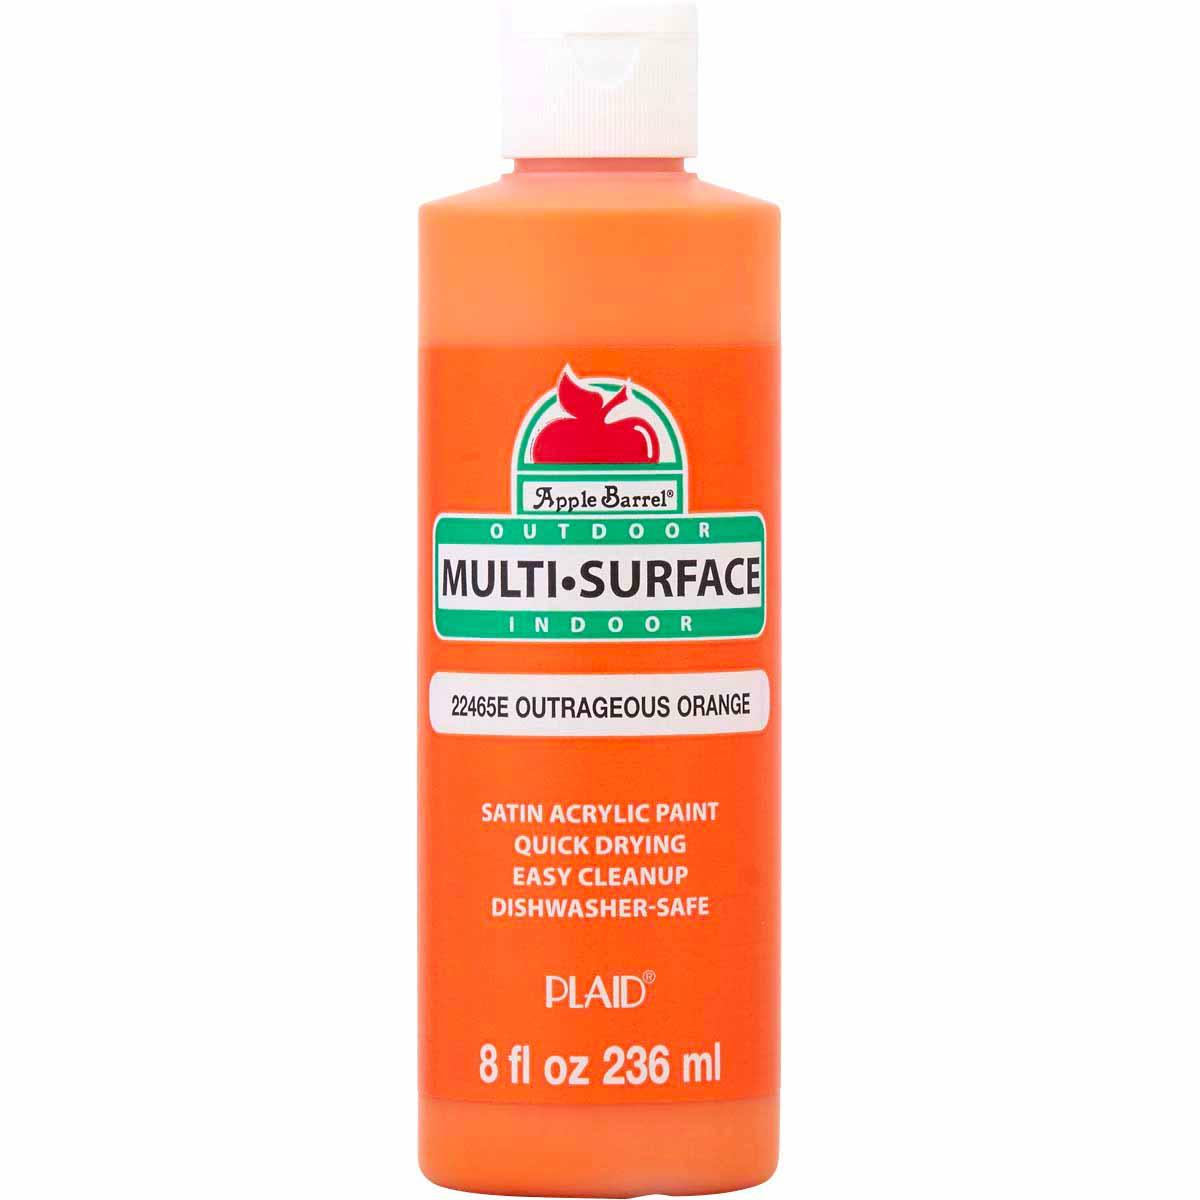 Apple Barrel ® Multi-Surface Satin Acrylic Paints - Outrageous Orange, 8 oz. - 22465E